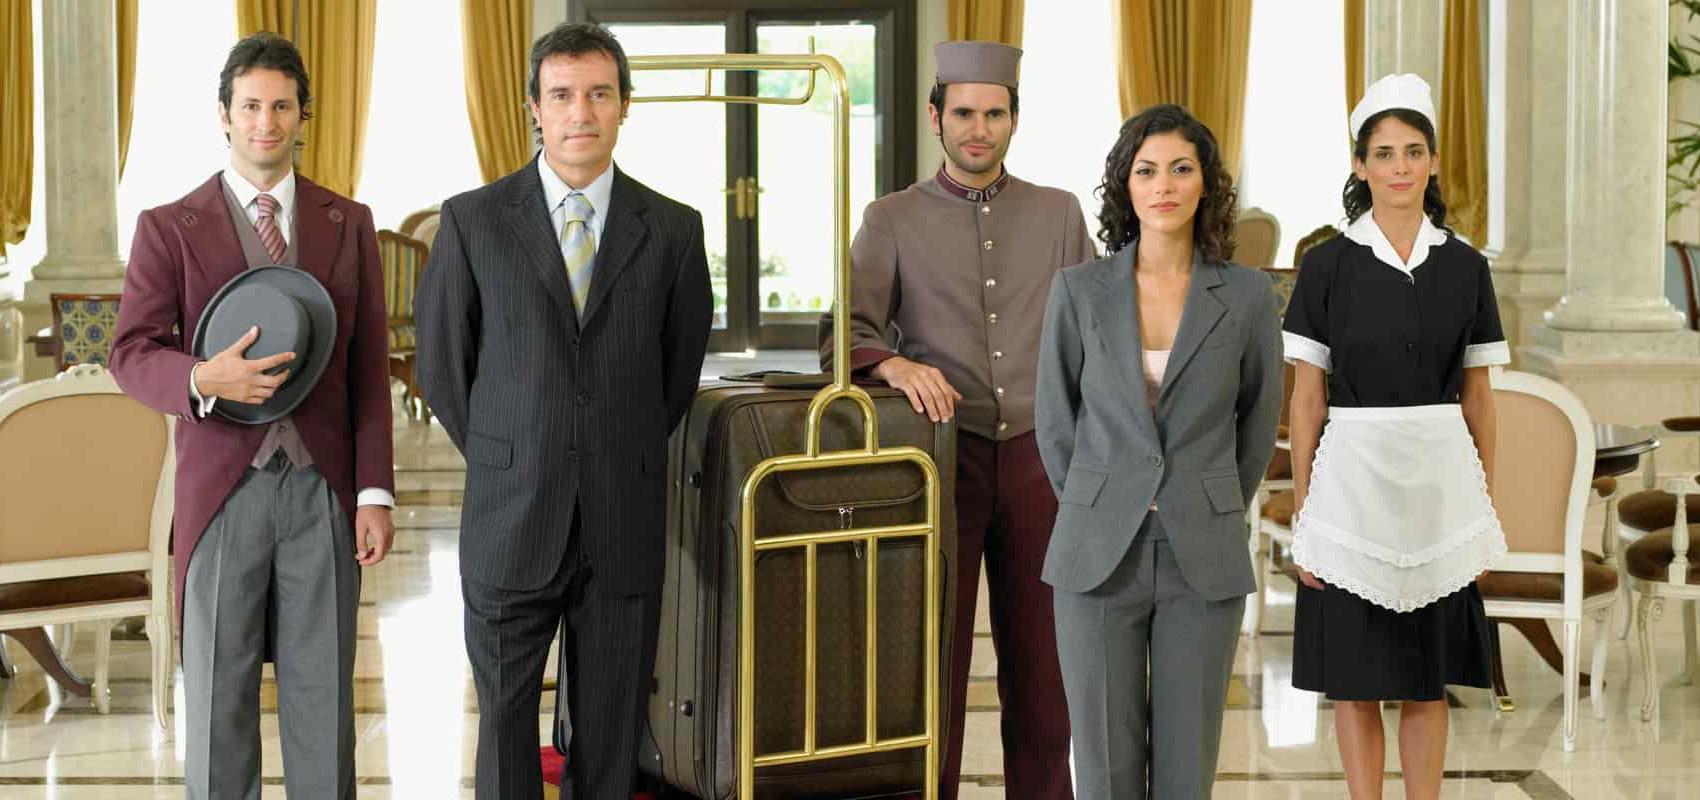 hotel-staff-in-lobby (1700×800)